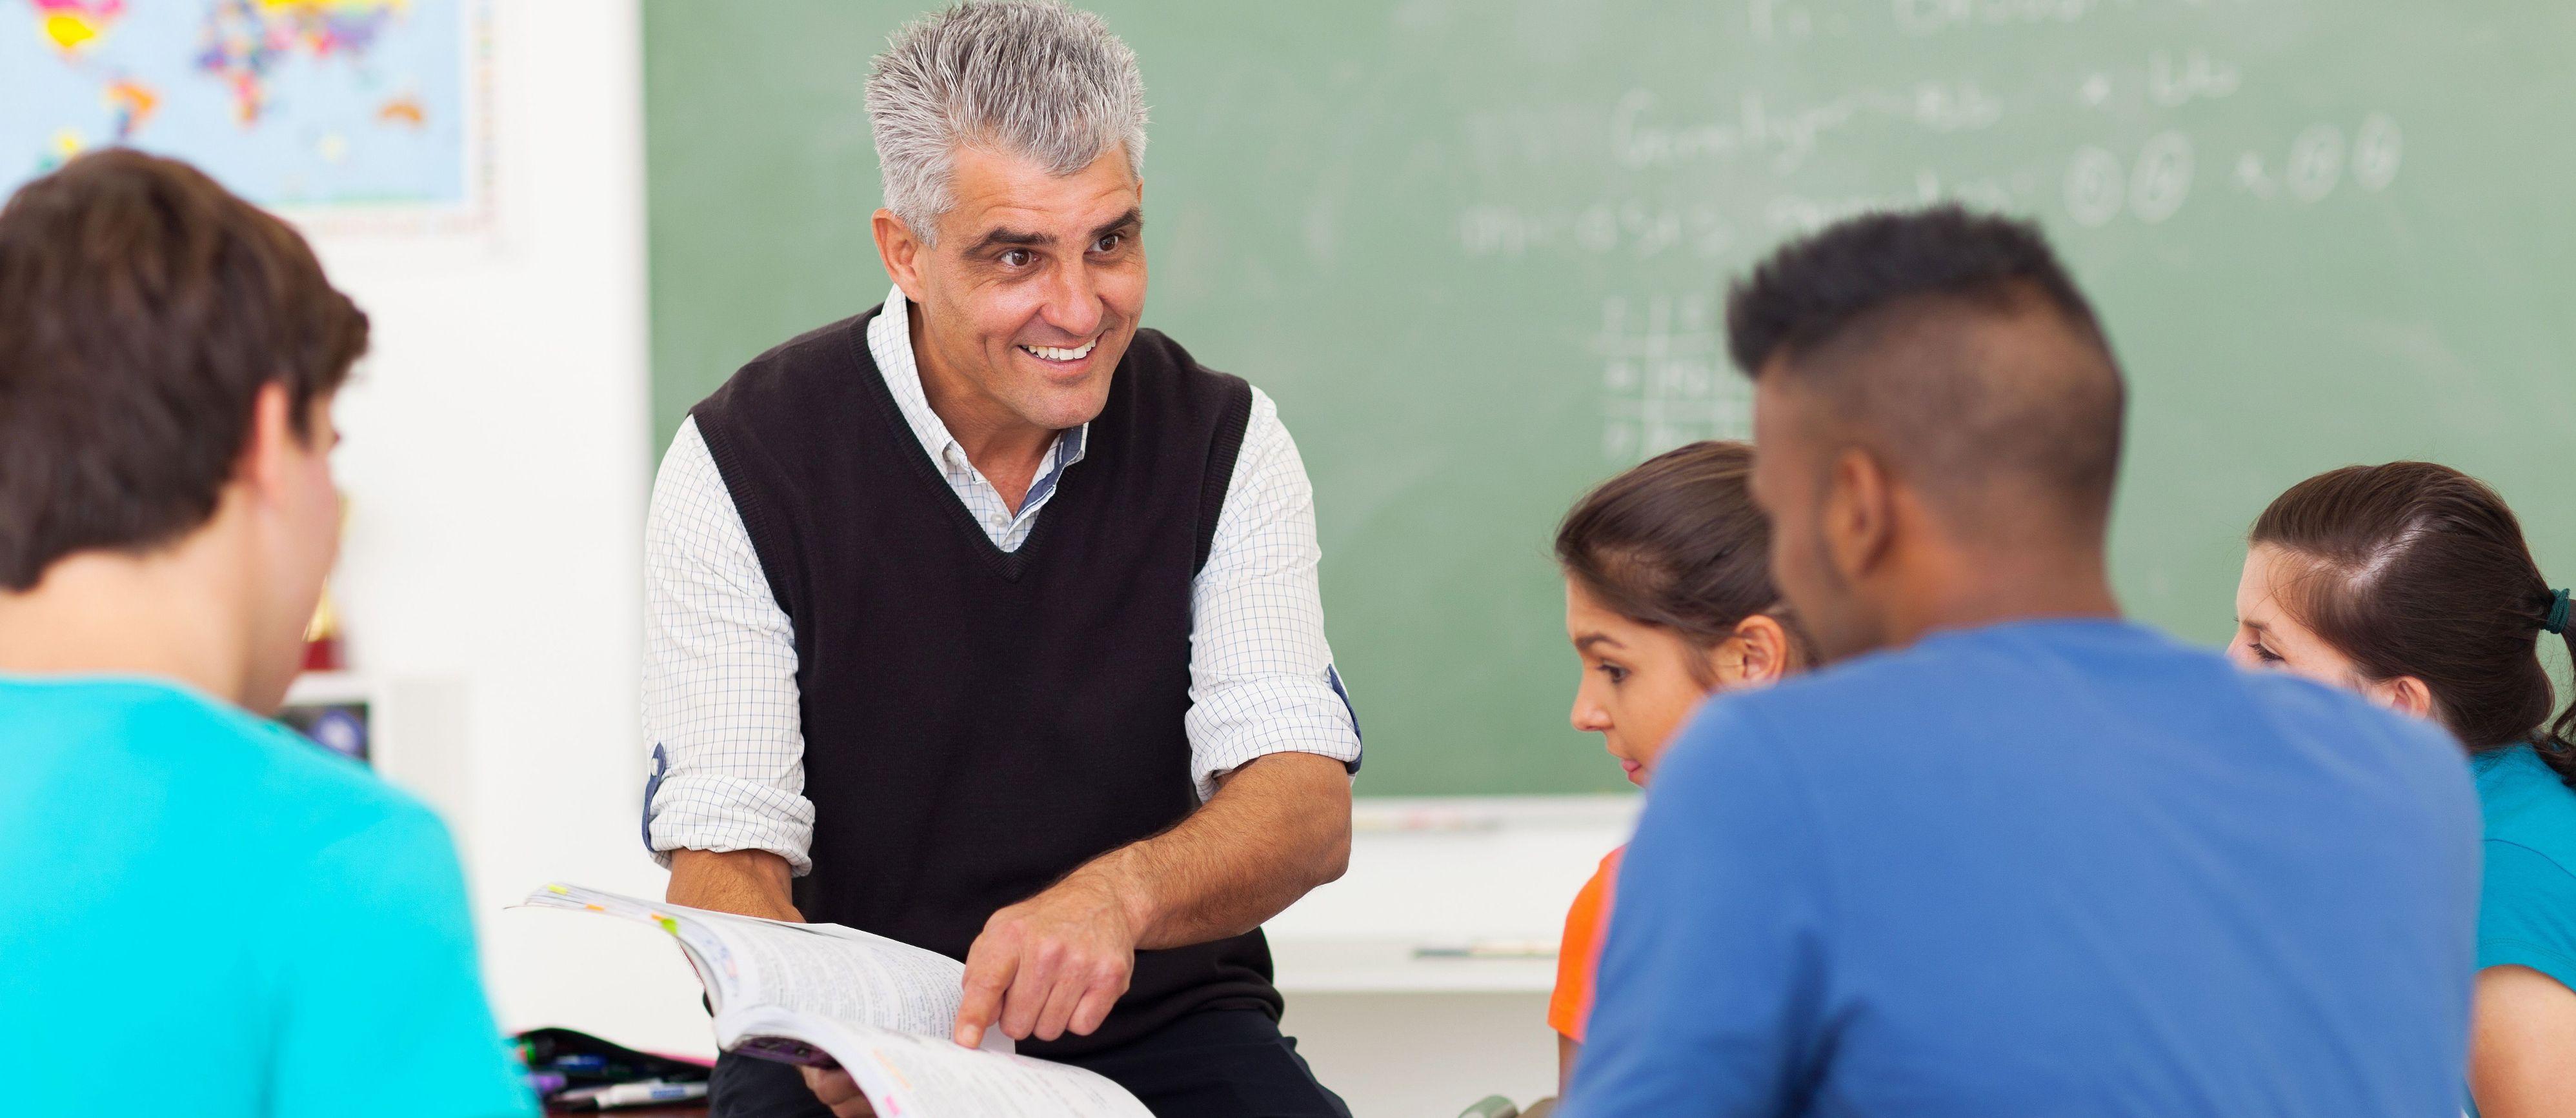 Взаимоотношения между учителем и учеником